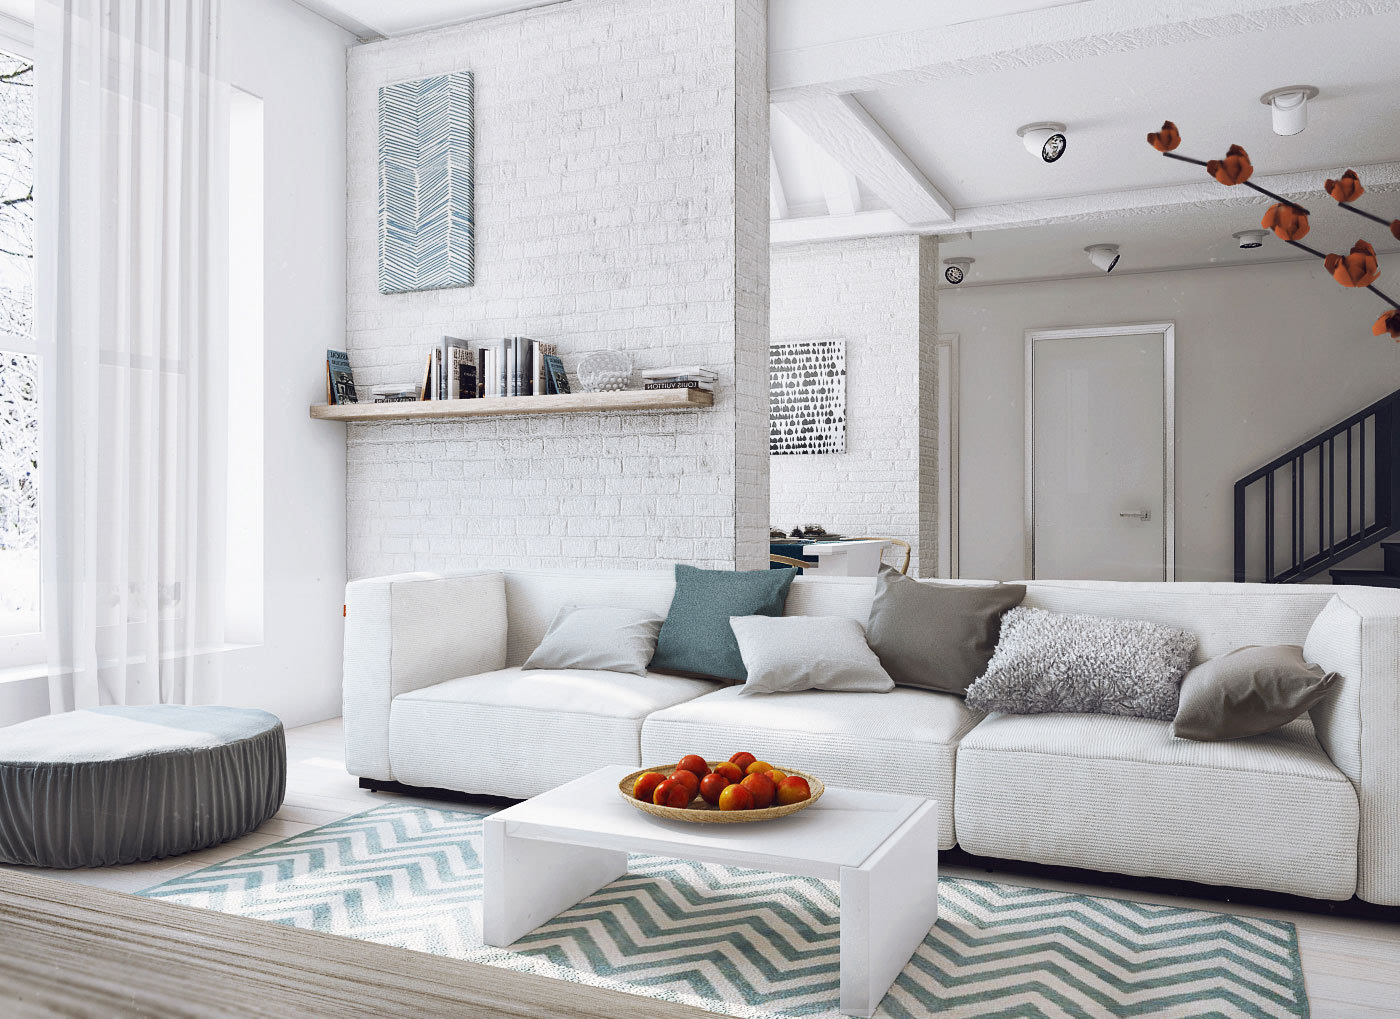 北欧风格房间装修图片_花儿装饰的灵气